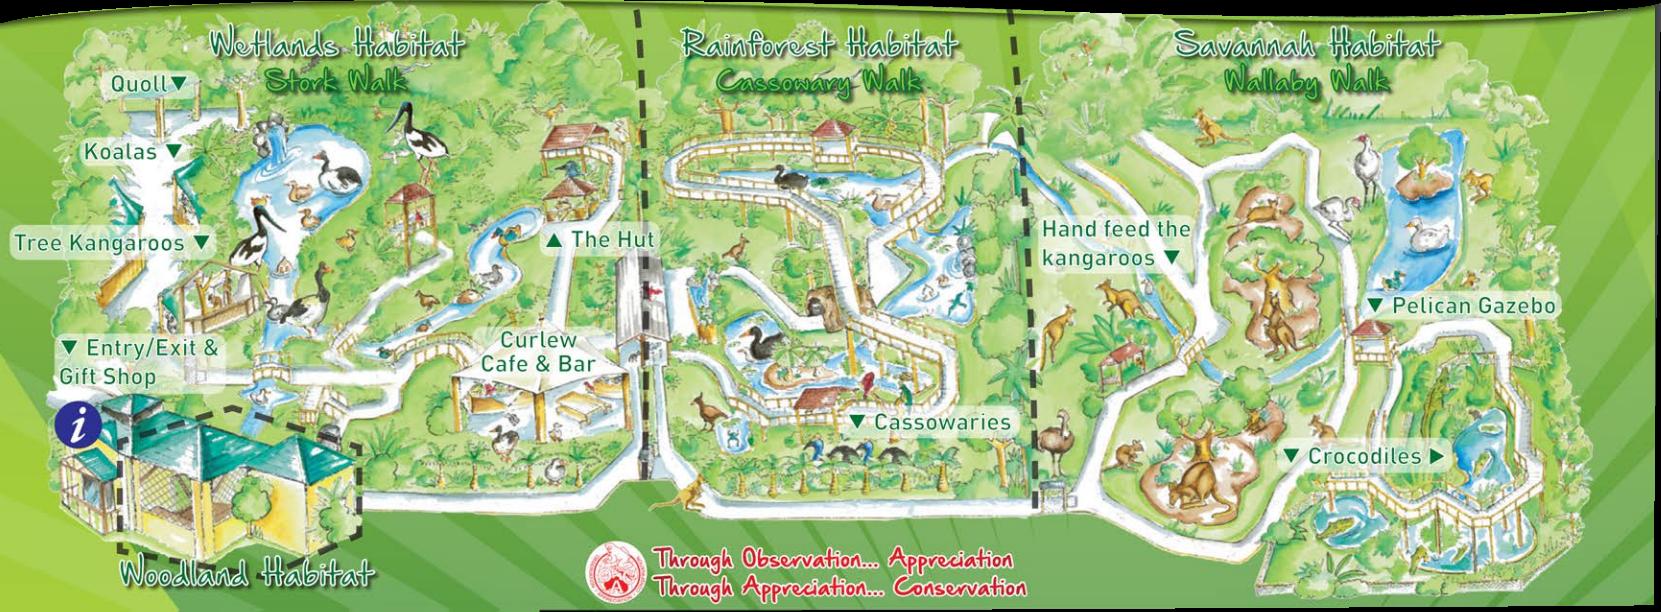 ワイルドライフハビタットの園内マップ